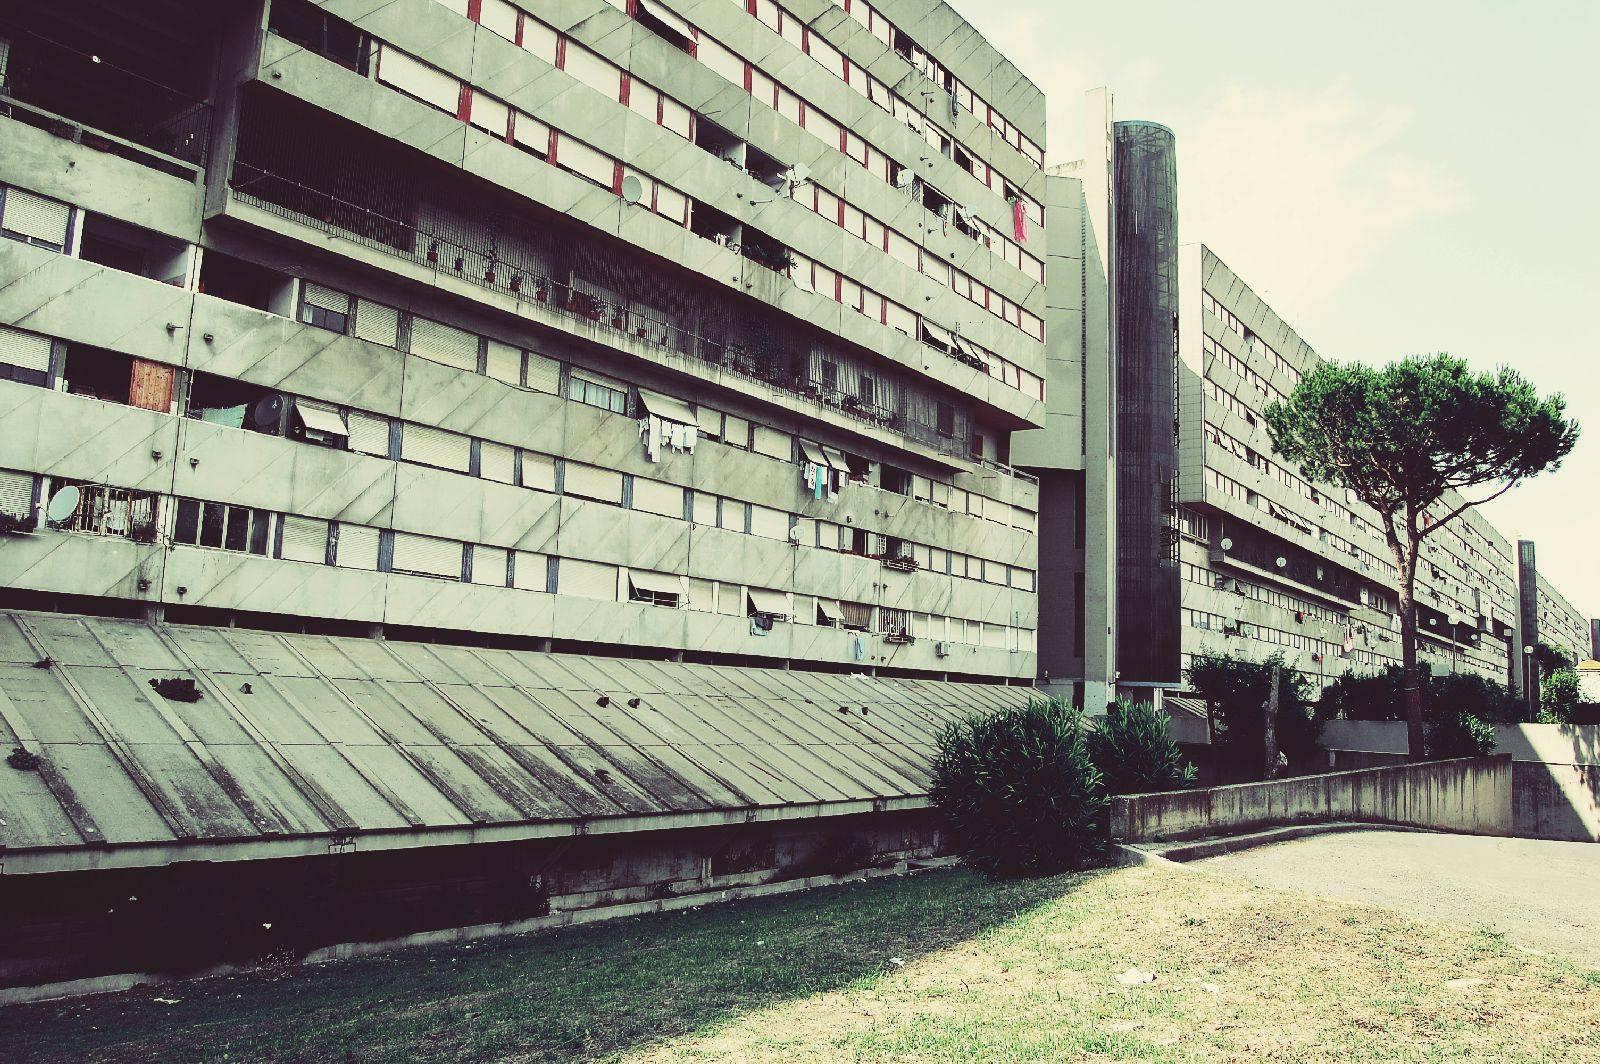 Ater, Regione e Architetti di Roma annunciano il concorso per il Corviale